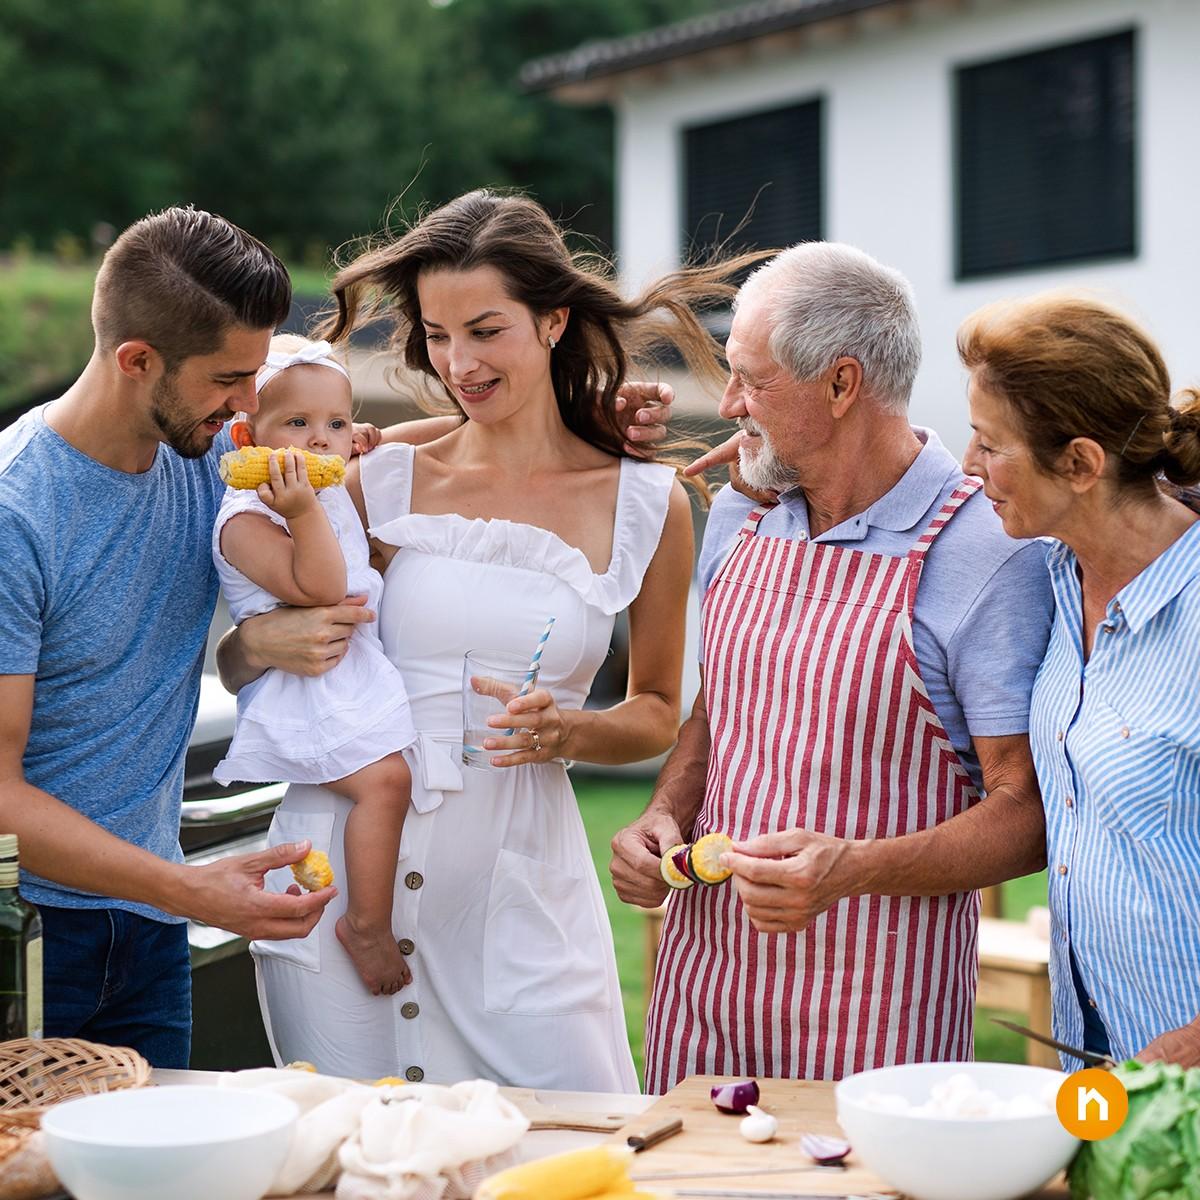 Immobilienverrentung: Ist das was für meine Eltern?